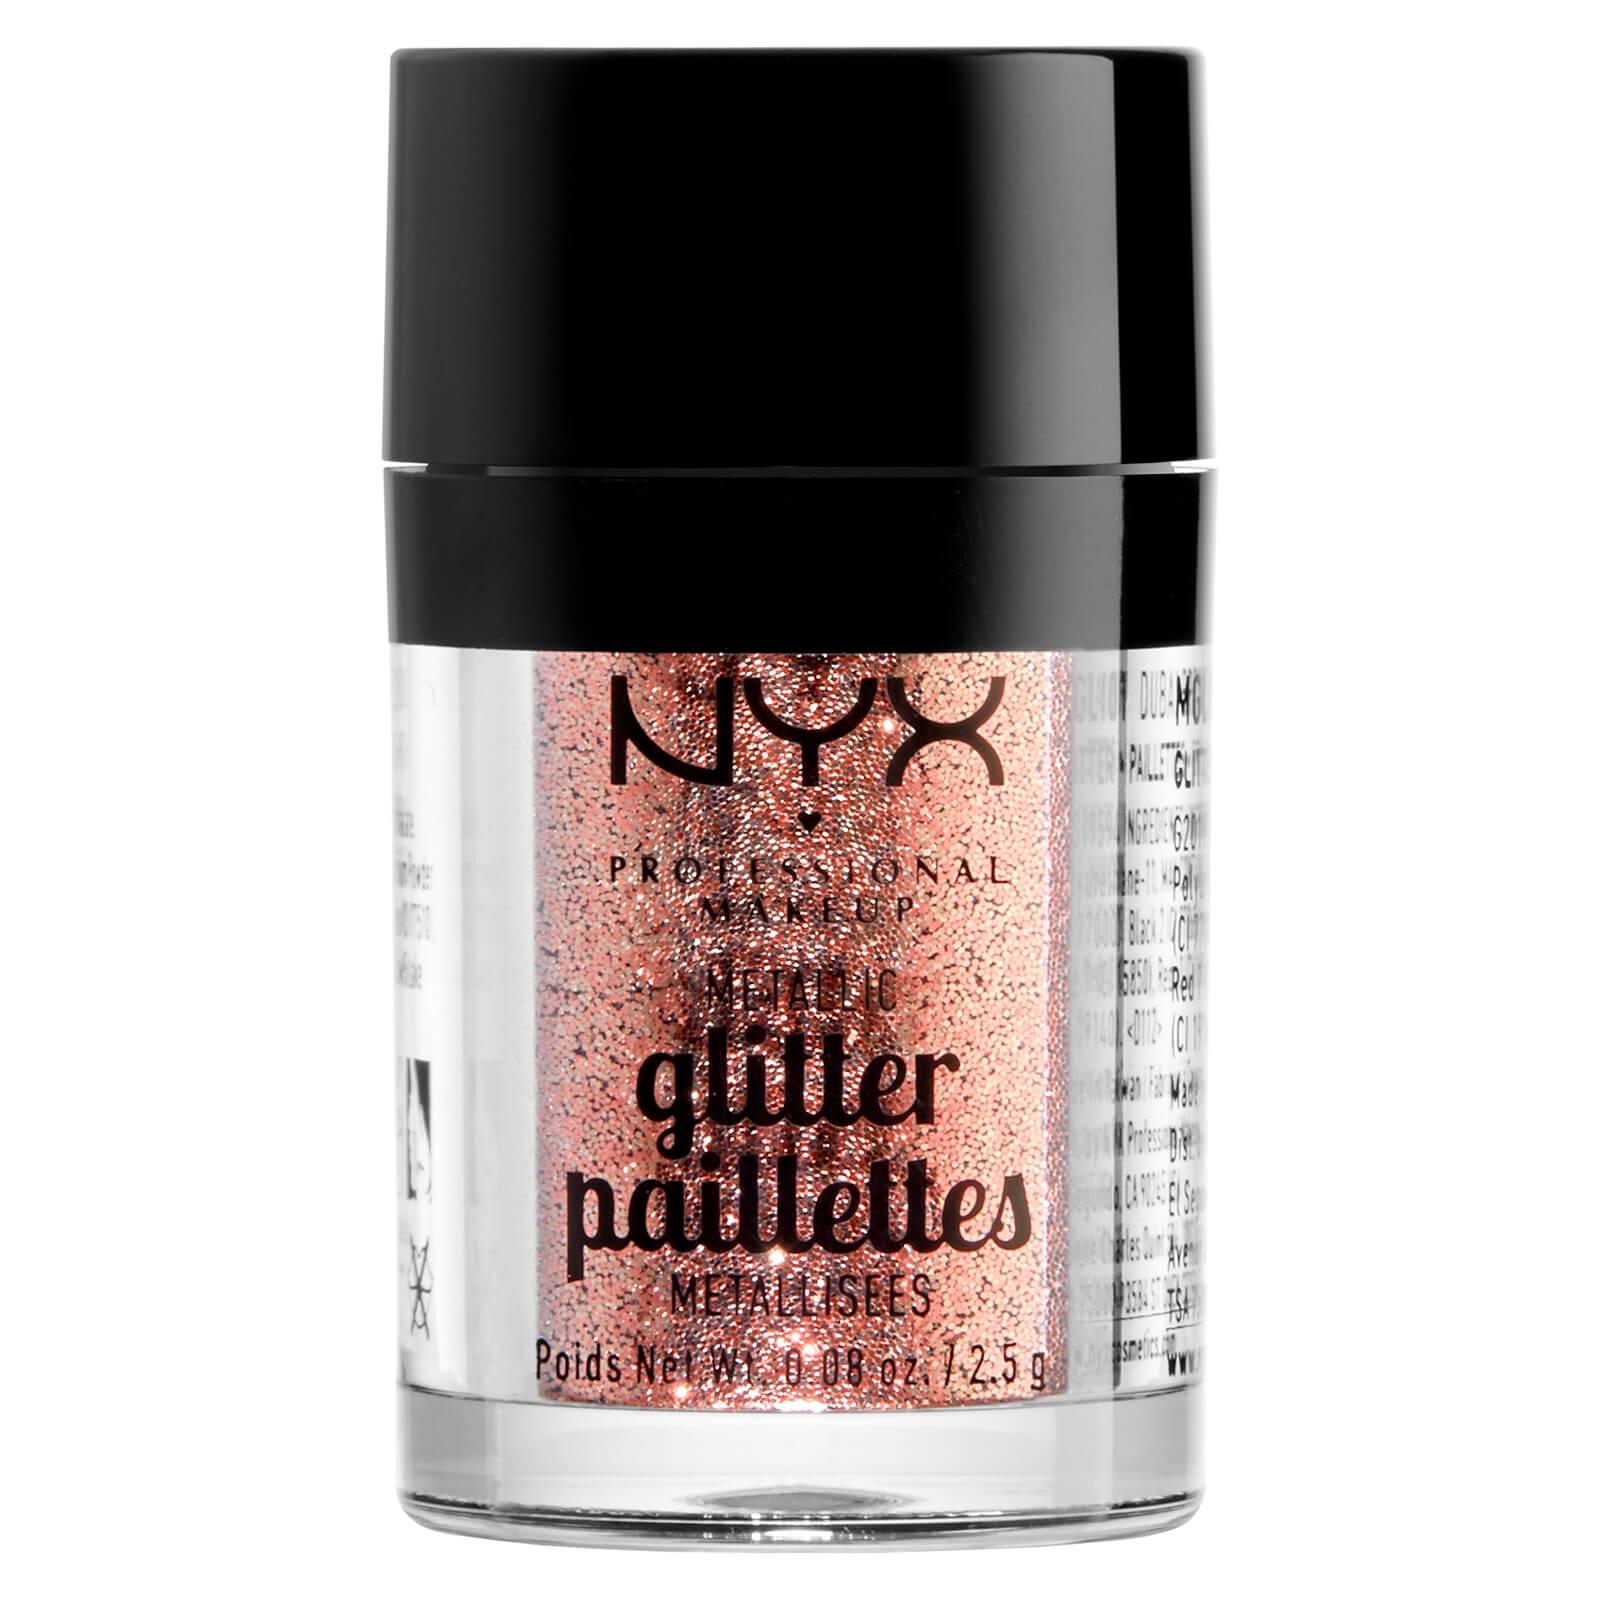 Купить Глиттер для лица и тела NYX Professional Makeup Metallic Glitter - Dubai Bronze